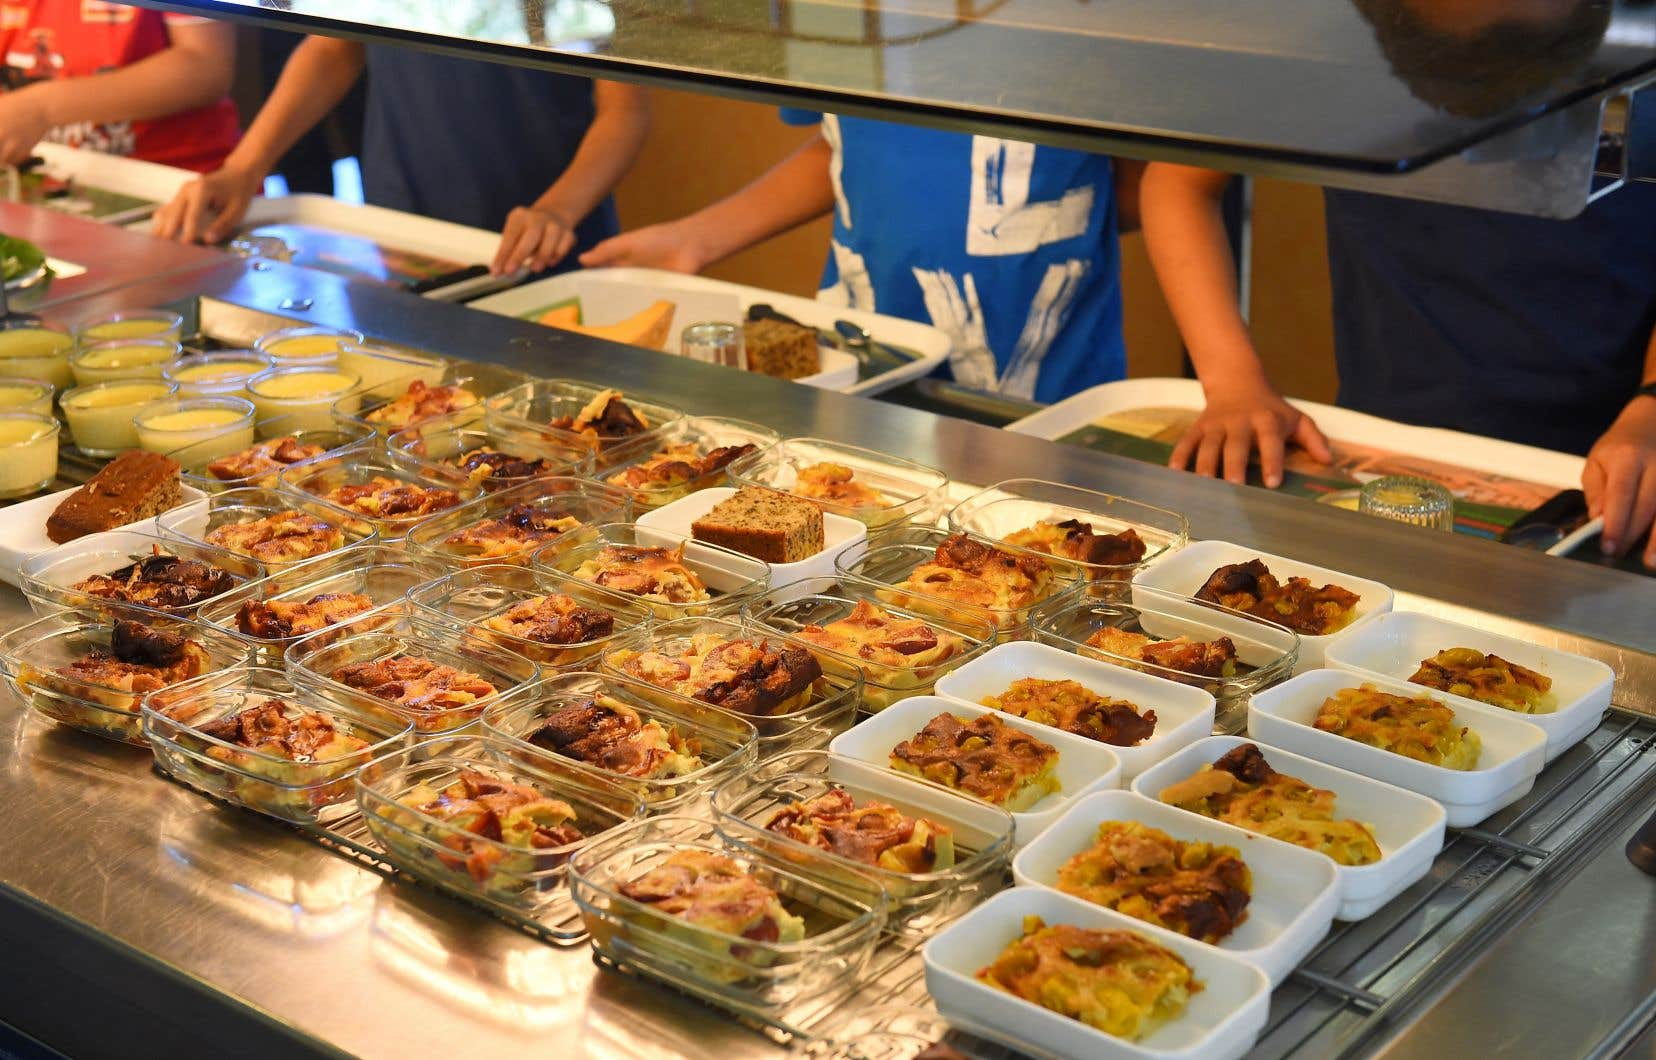 La nouvelle aide mise en place par le centre de services permettra aux écoles d'offrir des repas, des collations ou une série d'autres mesures qu'elles jugent pertinentes aux élèves les plus vulnérables.